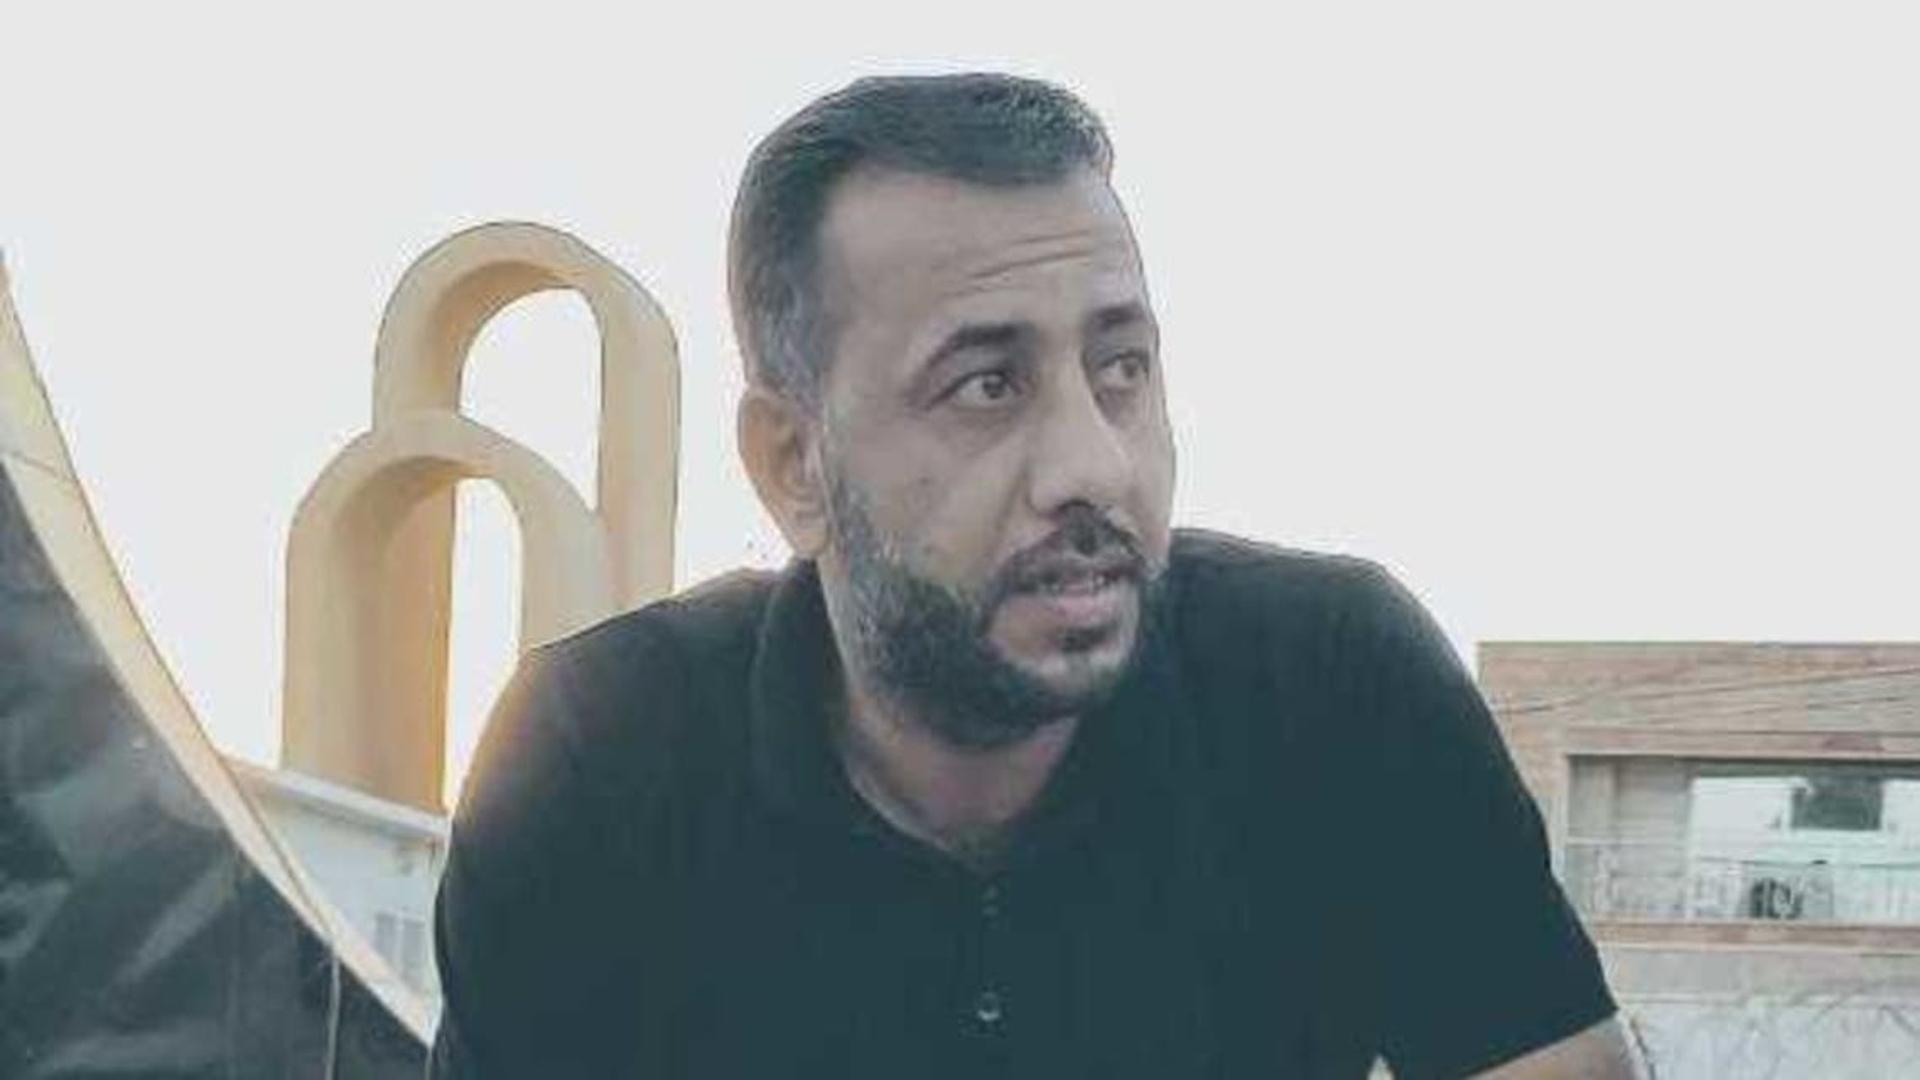 تظاهرة في الكوت عقب محاولة اغتيال الناشط قاسم التميمي